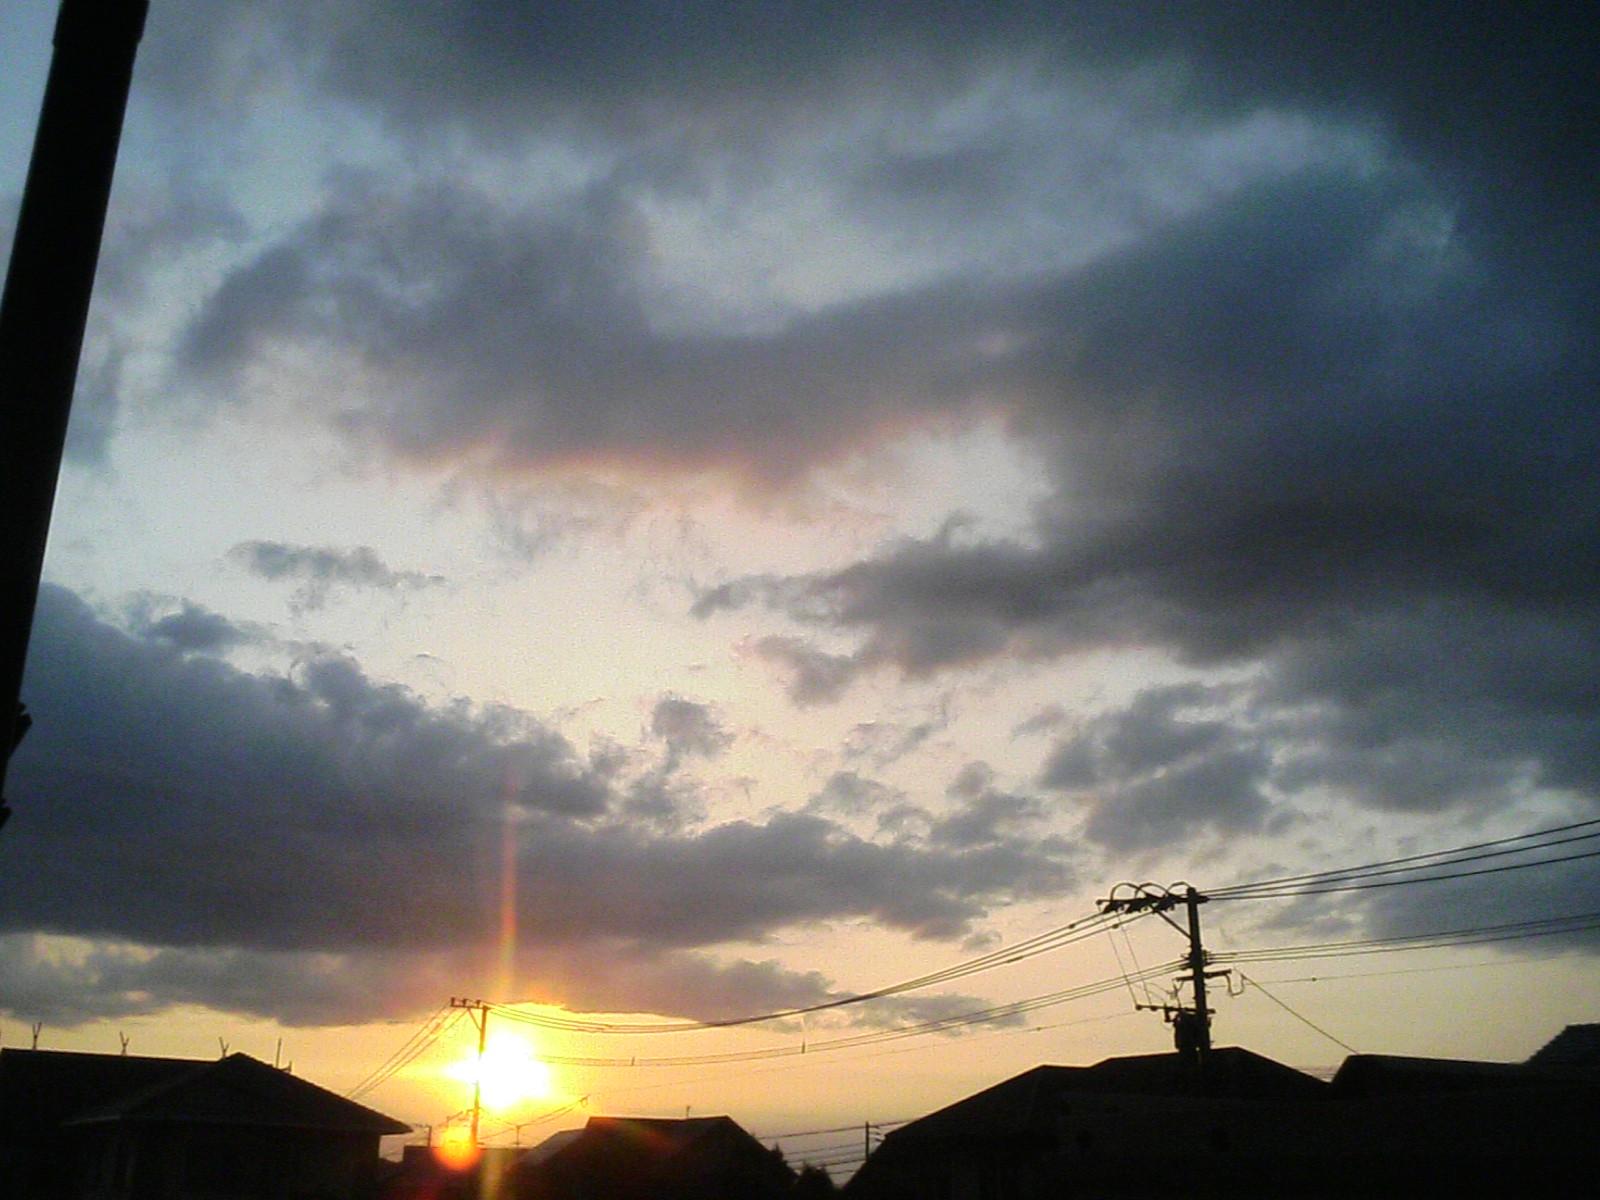 北九州市内ではきれいな夕焼け(19:06撮影)